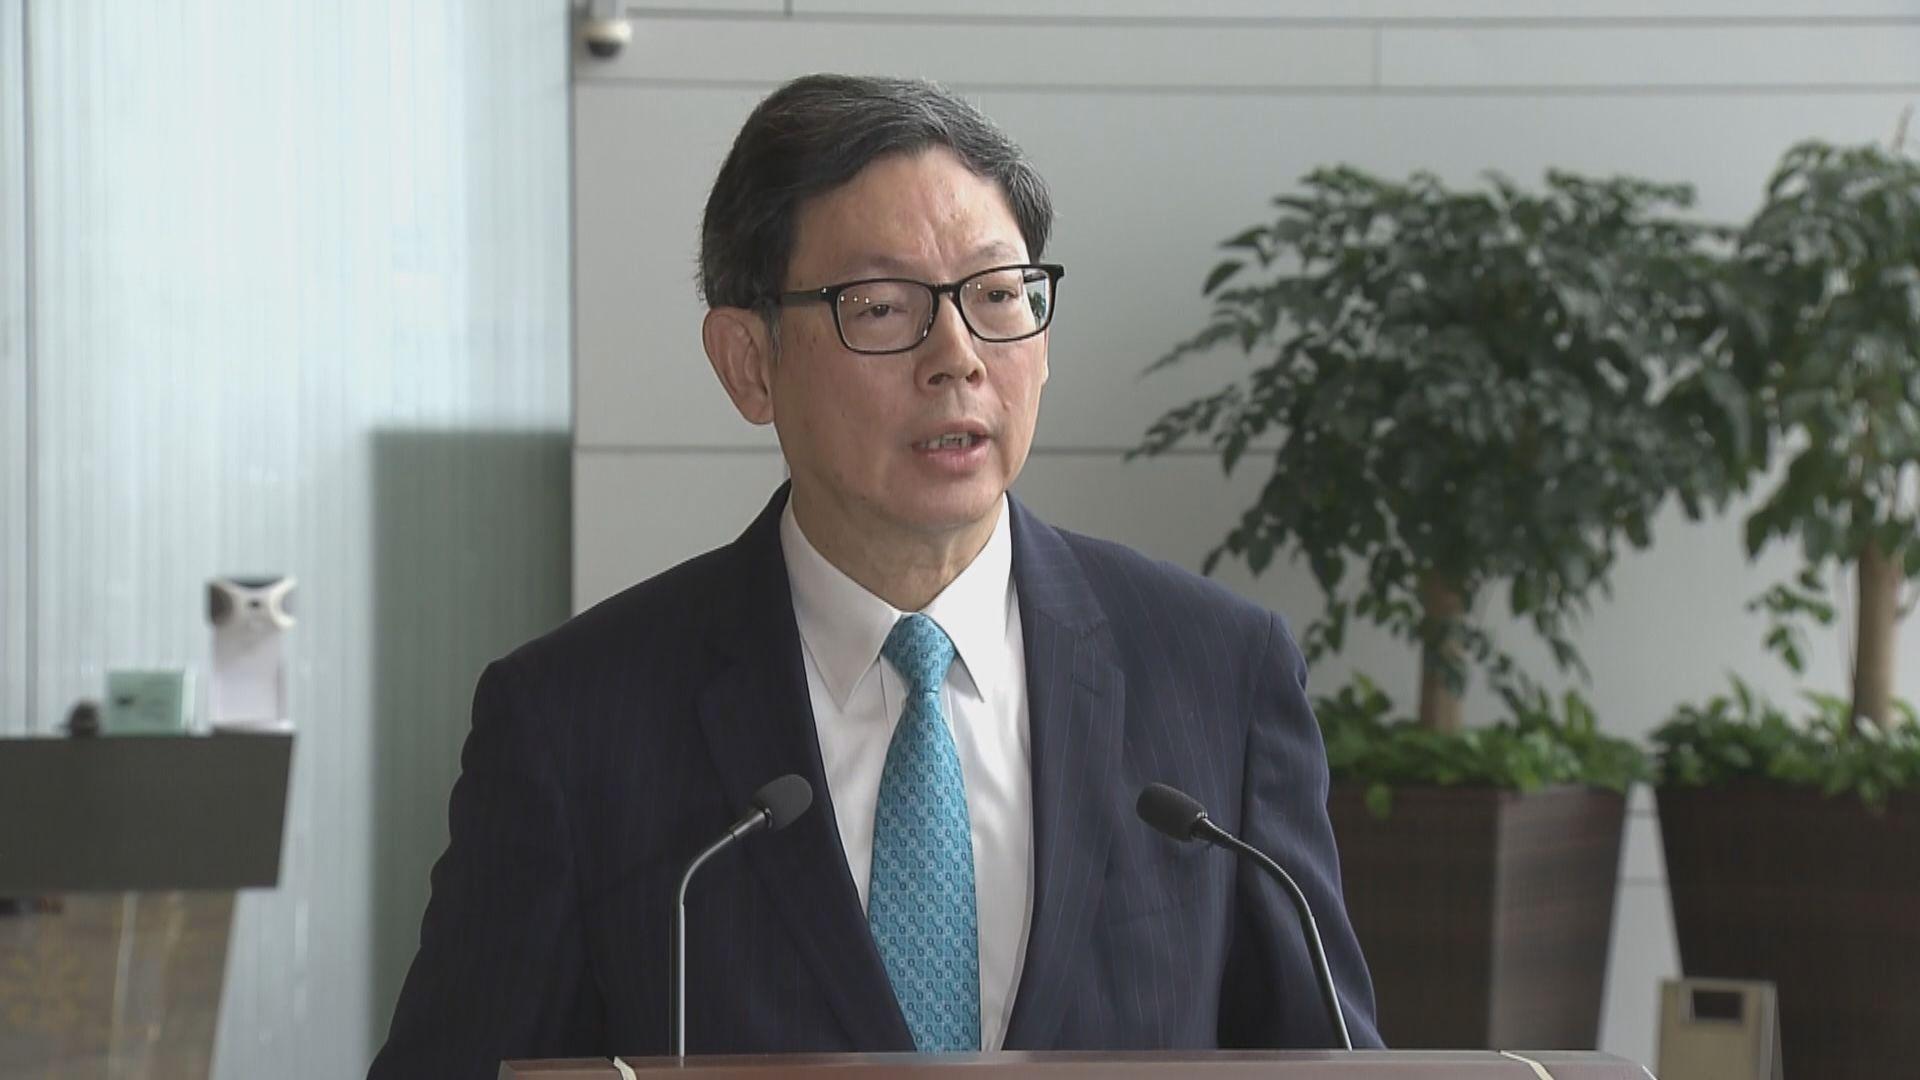 陳德霖:全球經濟金融市場仍有變數